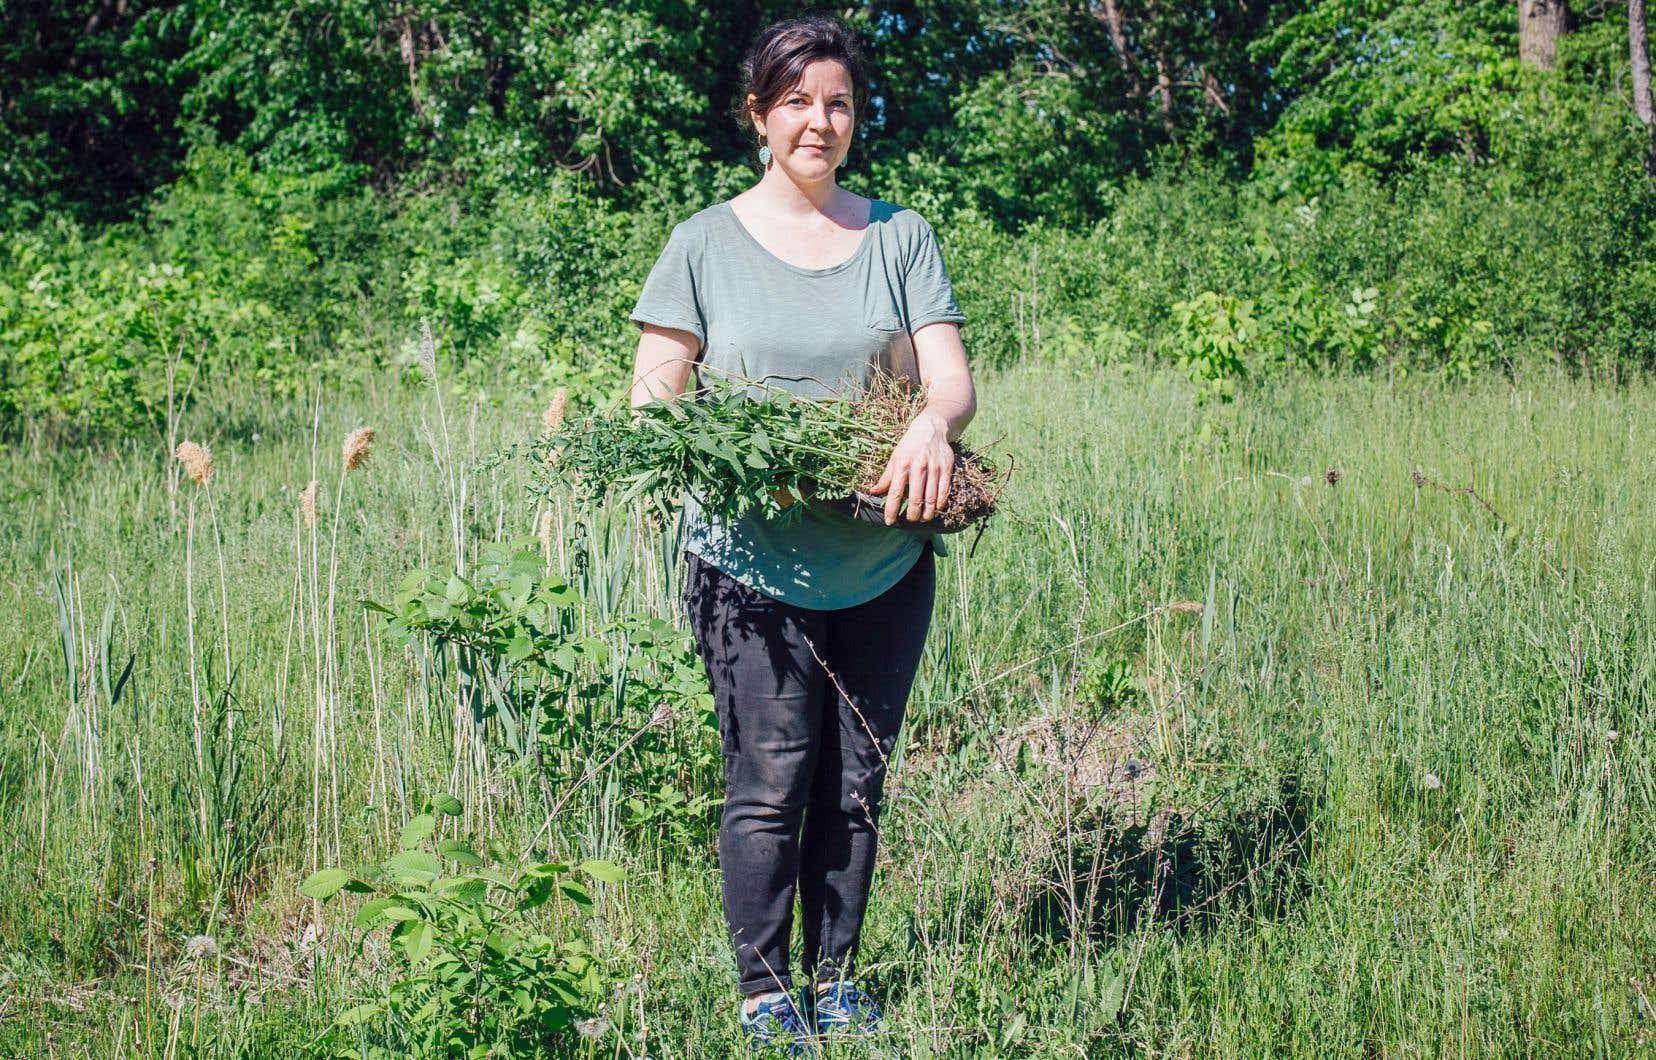 L'artiste Annie France Leclerc photographiée lors d'une performance captée en vidéo au parc du Boisé-de-Saint-Sulpice, dans le cadre de son exposition à la Galerie de l'UQAM: «Par-delà la forêt se trouve un jardin». Elle déracine des plantes sauvages telles le millepertuis et la tanaisie, puis, après avoir coupé les phragmites envahissantes, replante les autres, dans l'espoir qu'elles prennent le dessus.